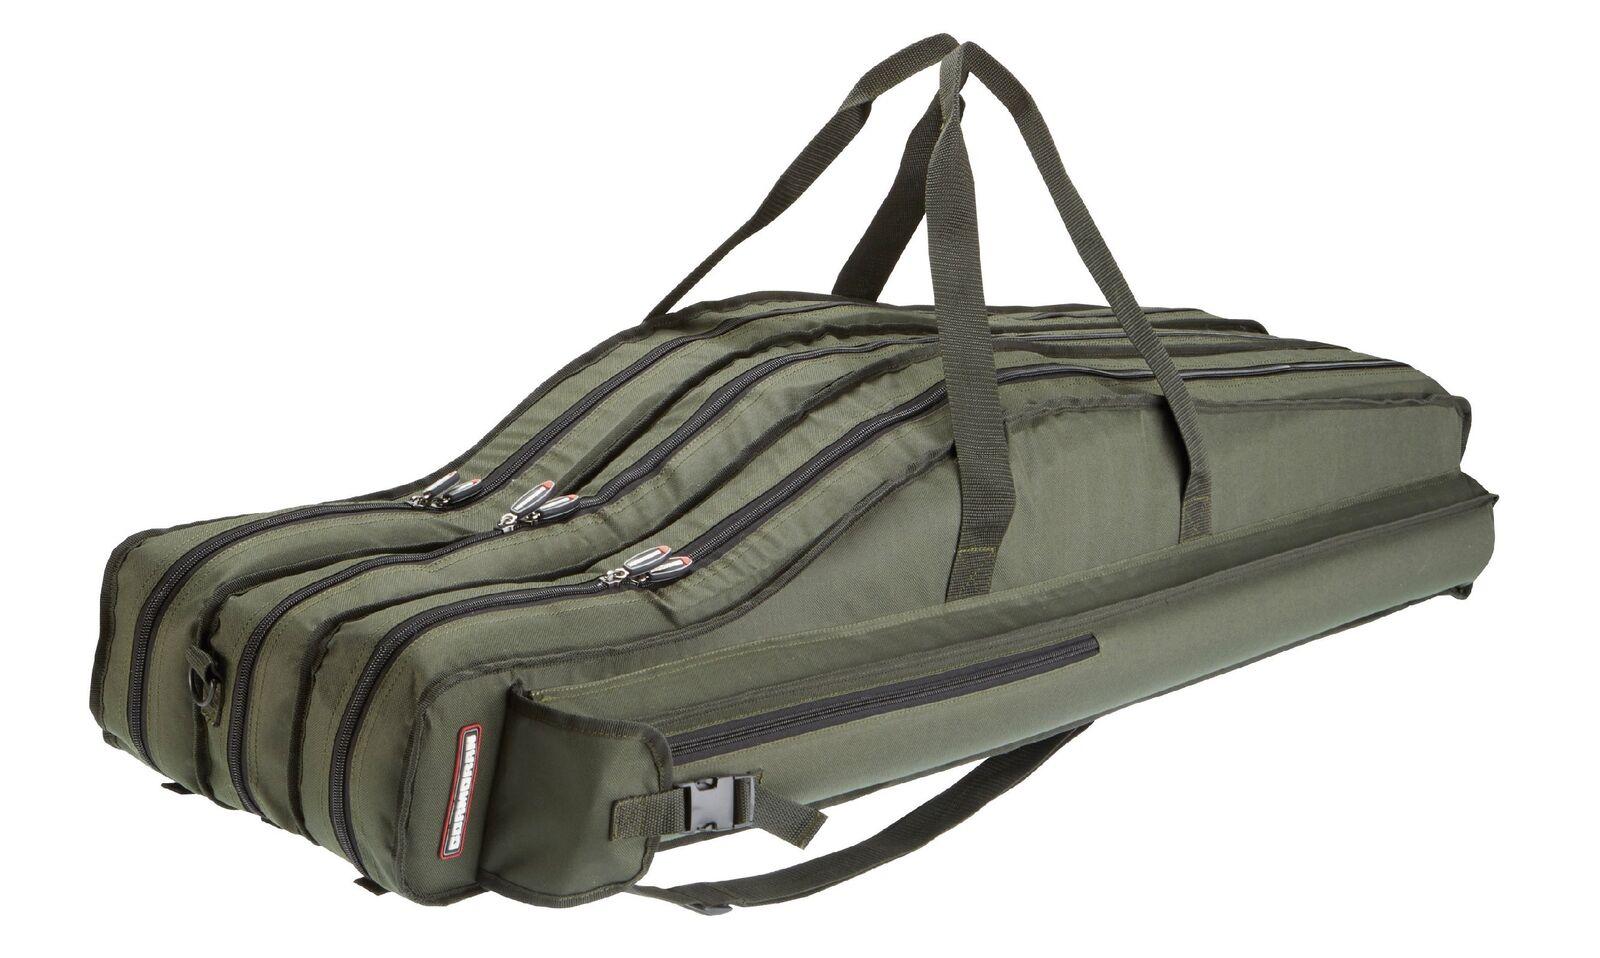 Cormoran Rutenkoffer Modell 5093, Rutentasche  mit drei Abteilen, 155cm, 65-09350  for sale online